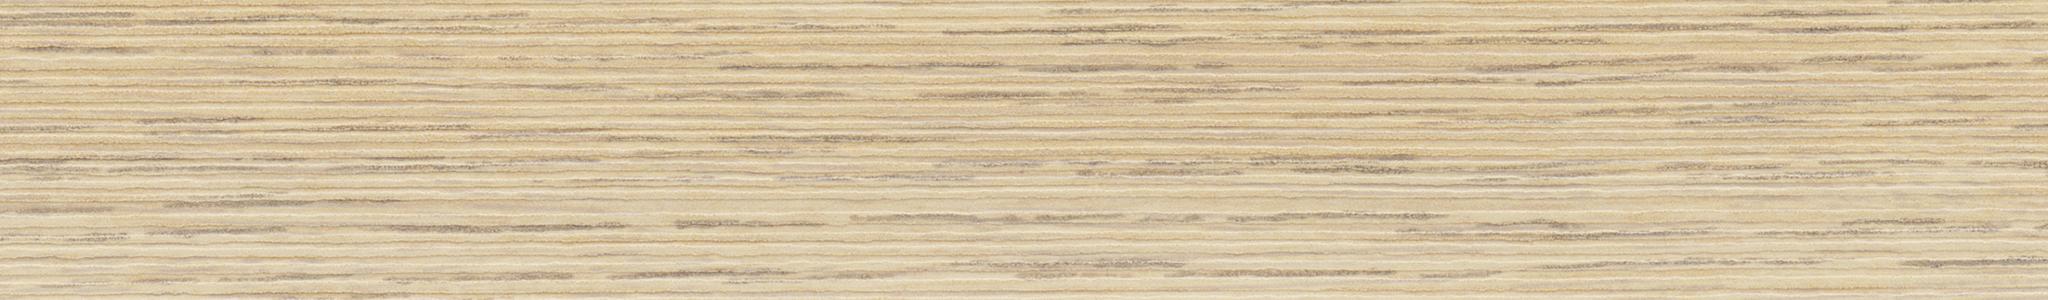 HD 243217 ABS Edge Natural Oak Pore